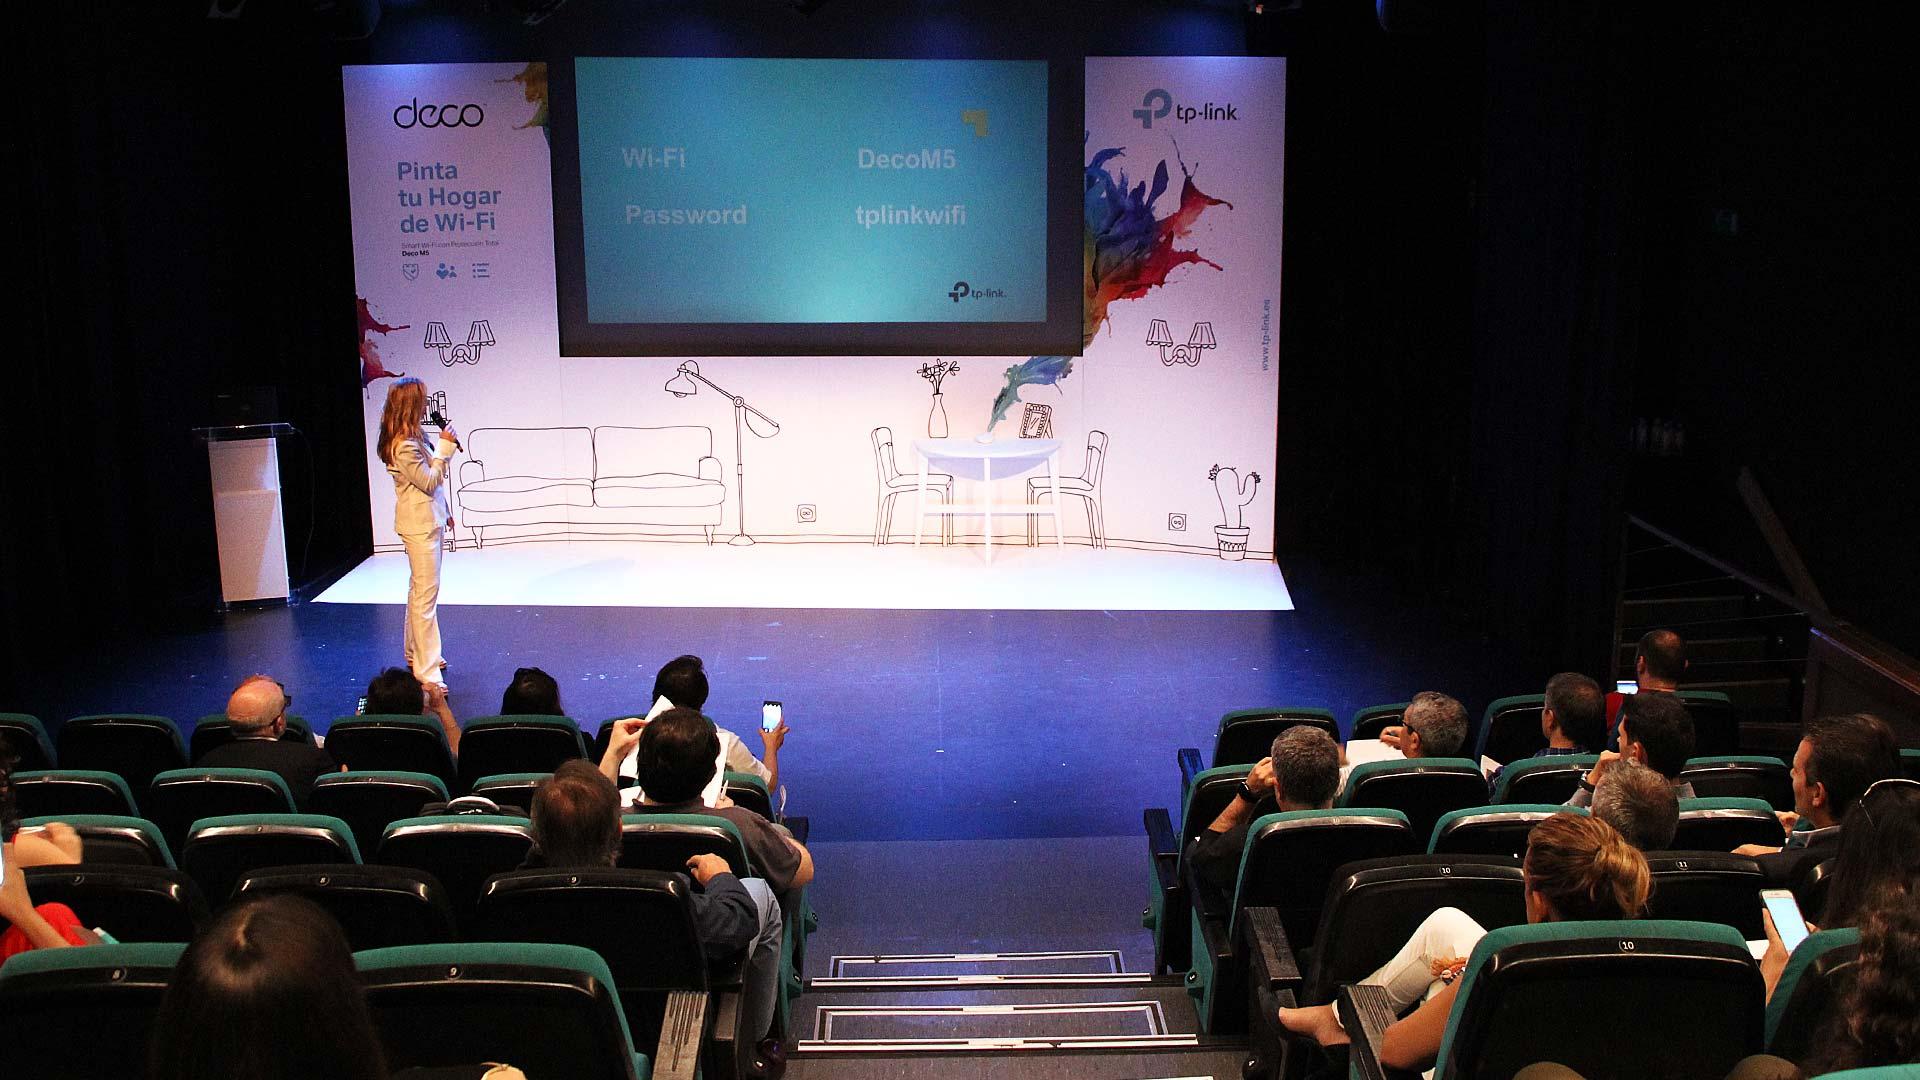 tplink-evento-partner-rueda-prensa-comunicacion-canal-09